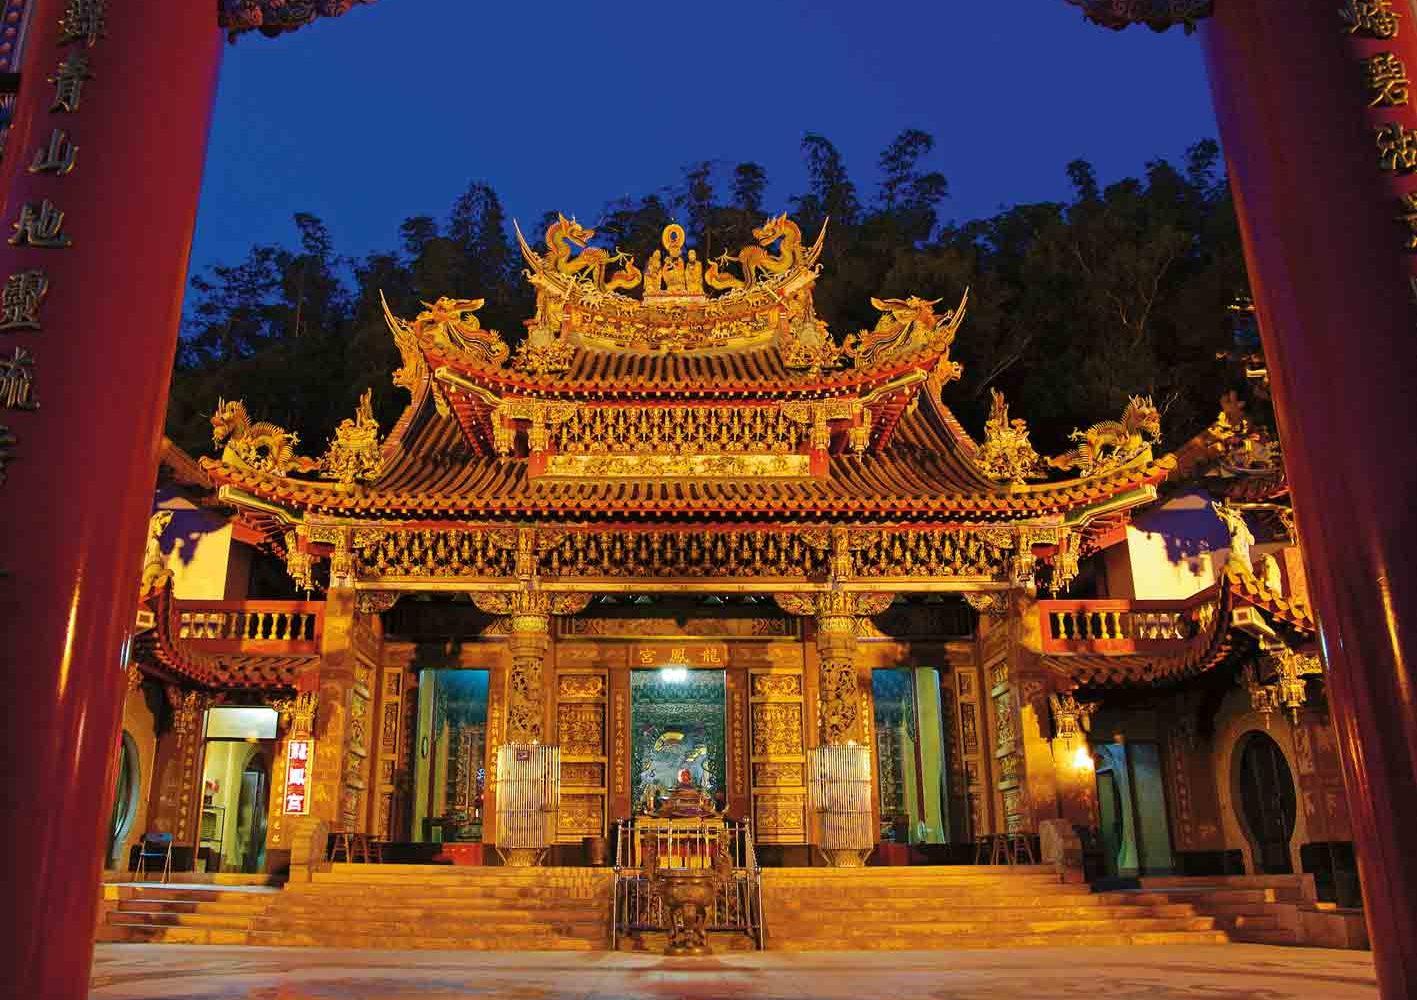 Tempel am Sonne-Mond-See, Taiwan